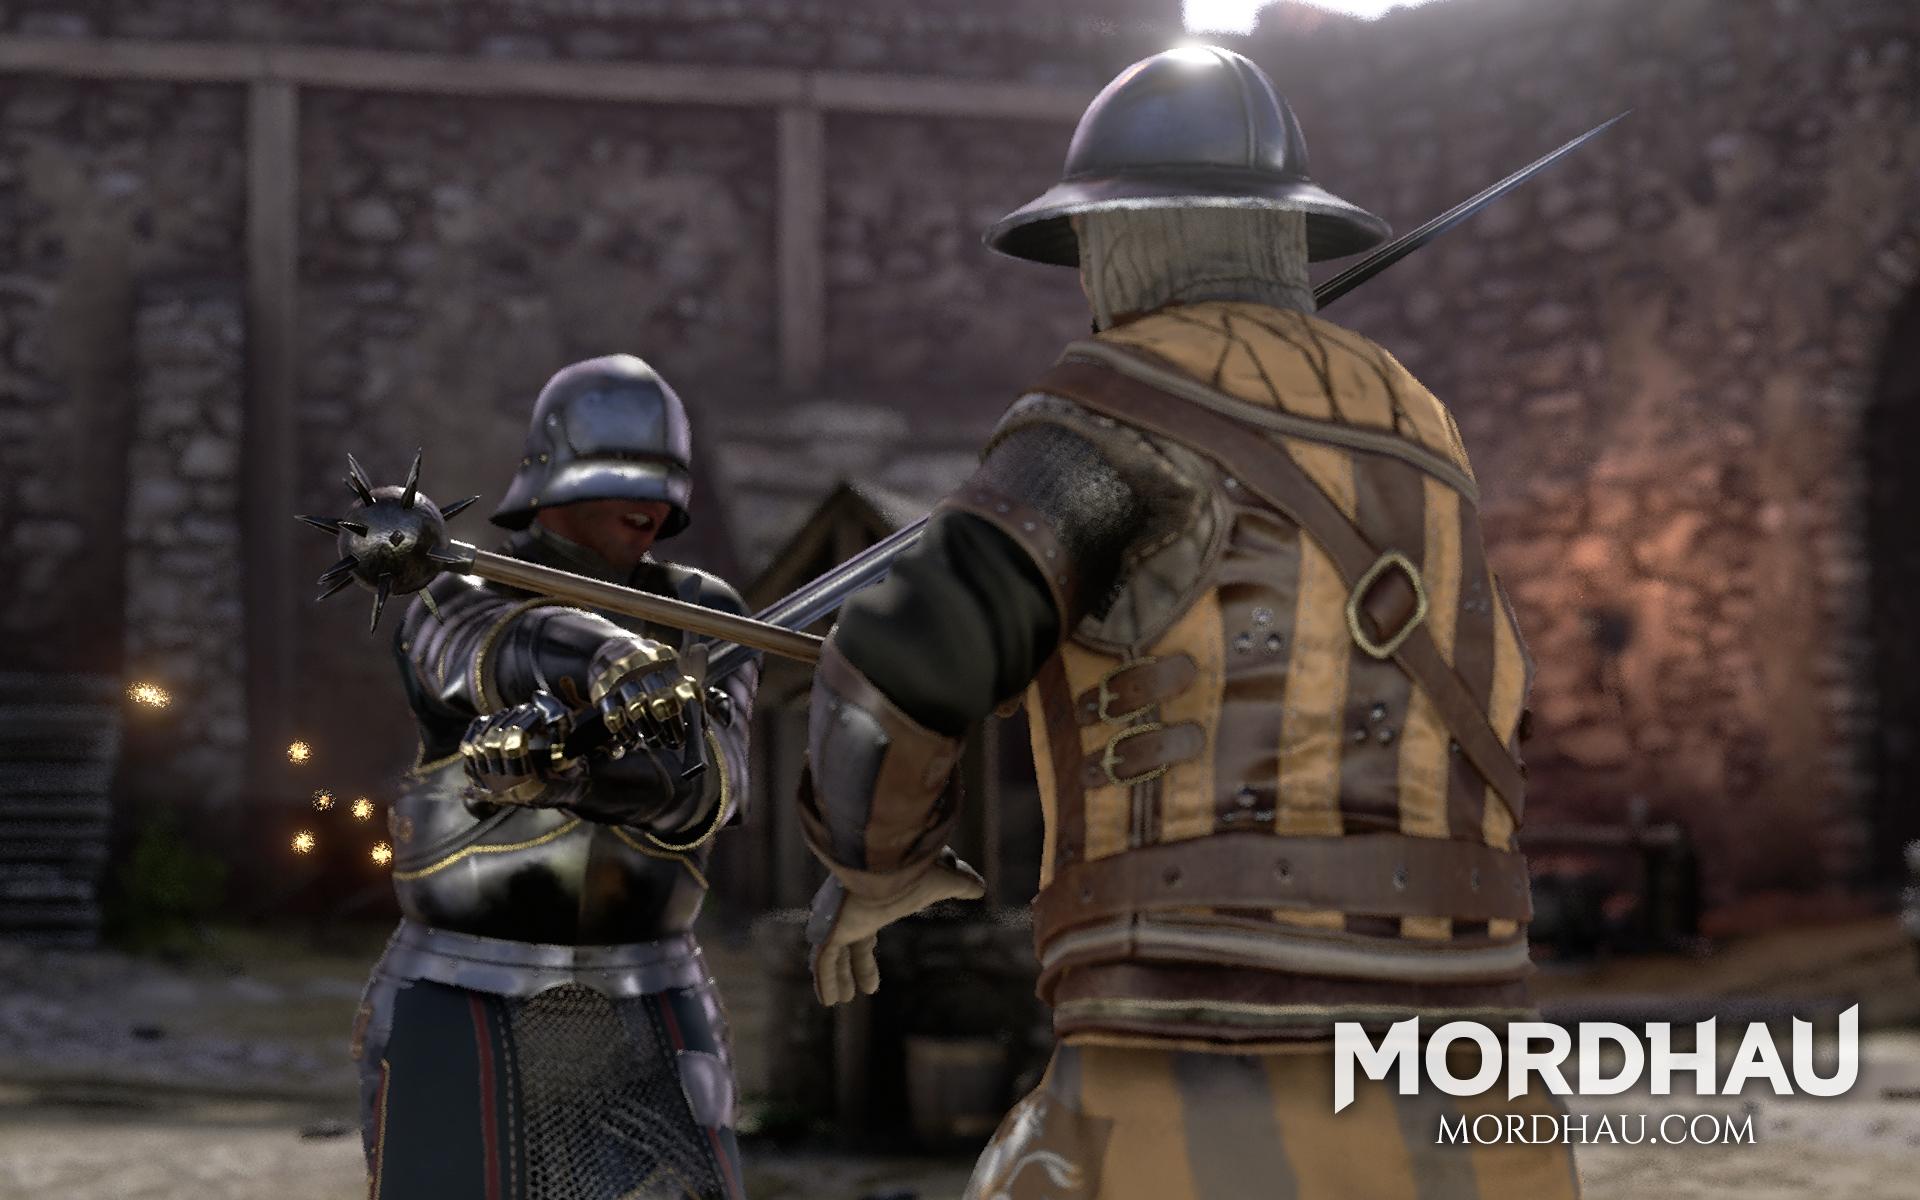 Mordhau Kickstarter: March 8th 2017 news - Mod DB